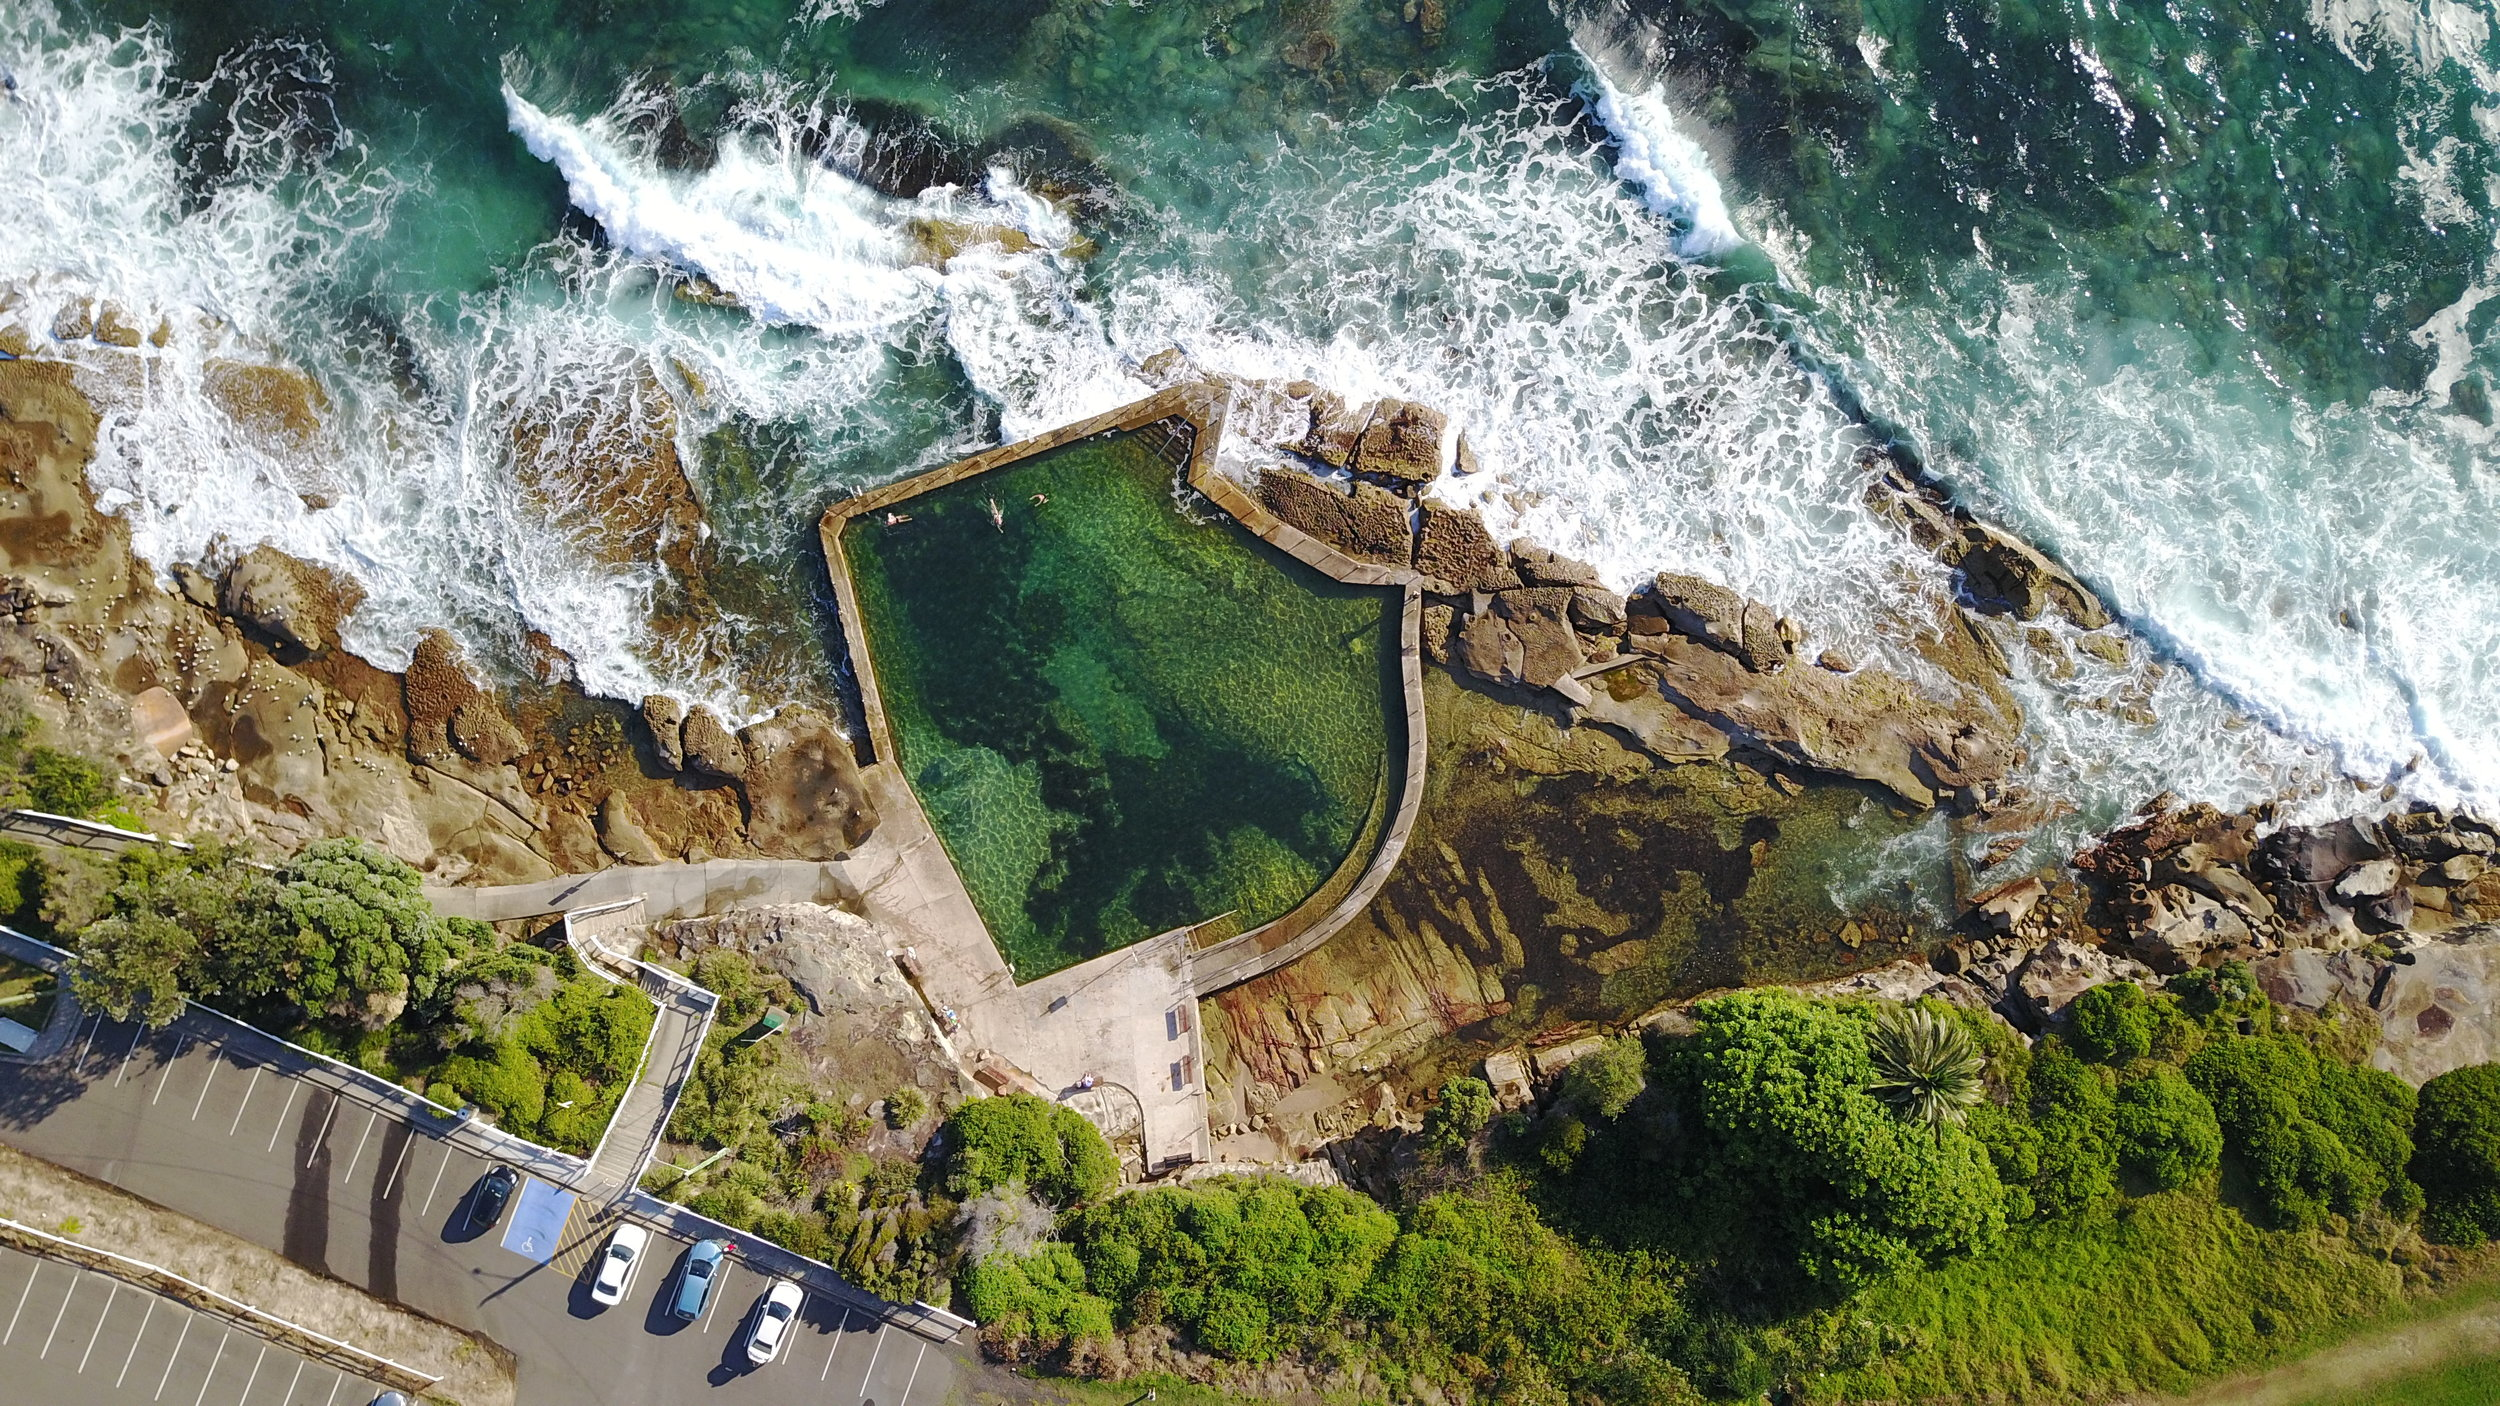 malabar - malabar ocean pool, nsw